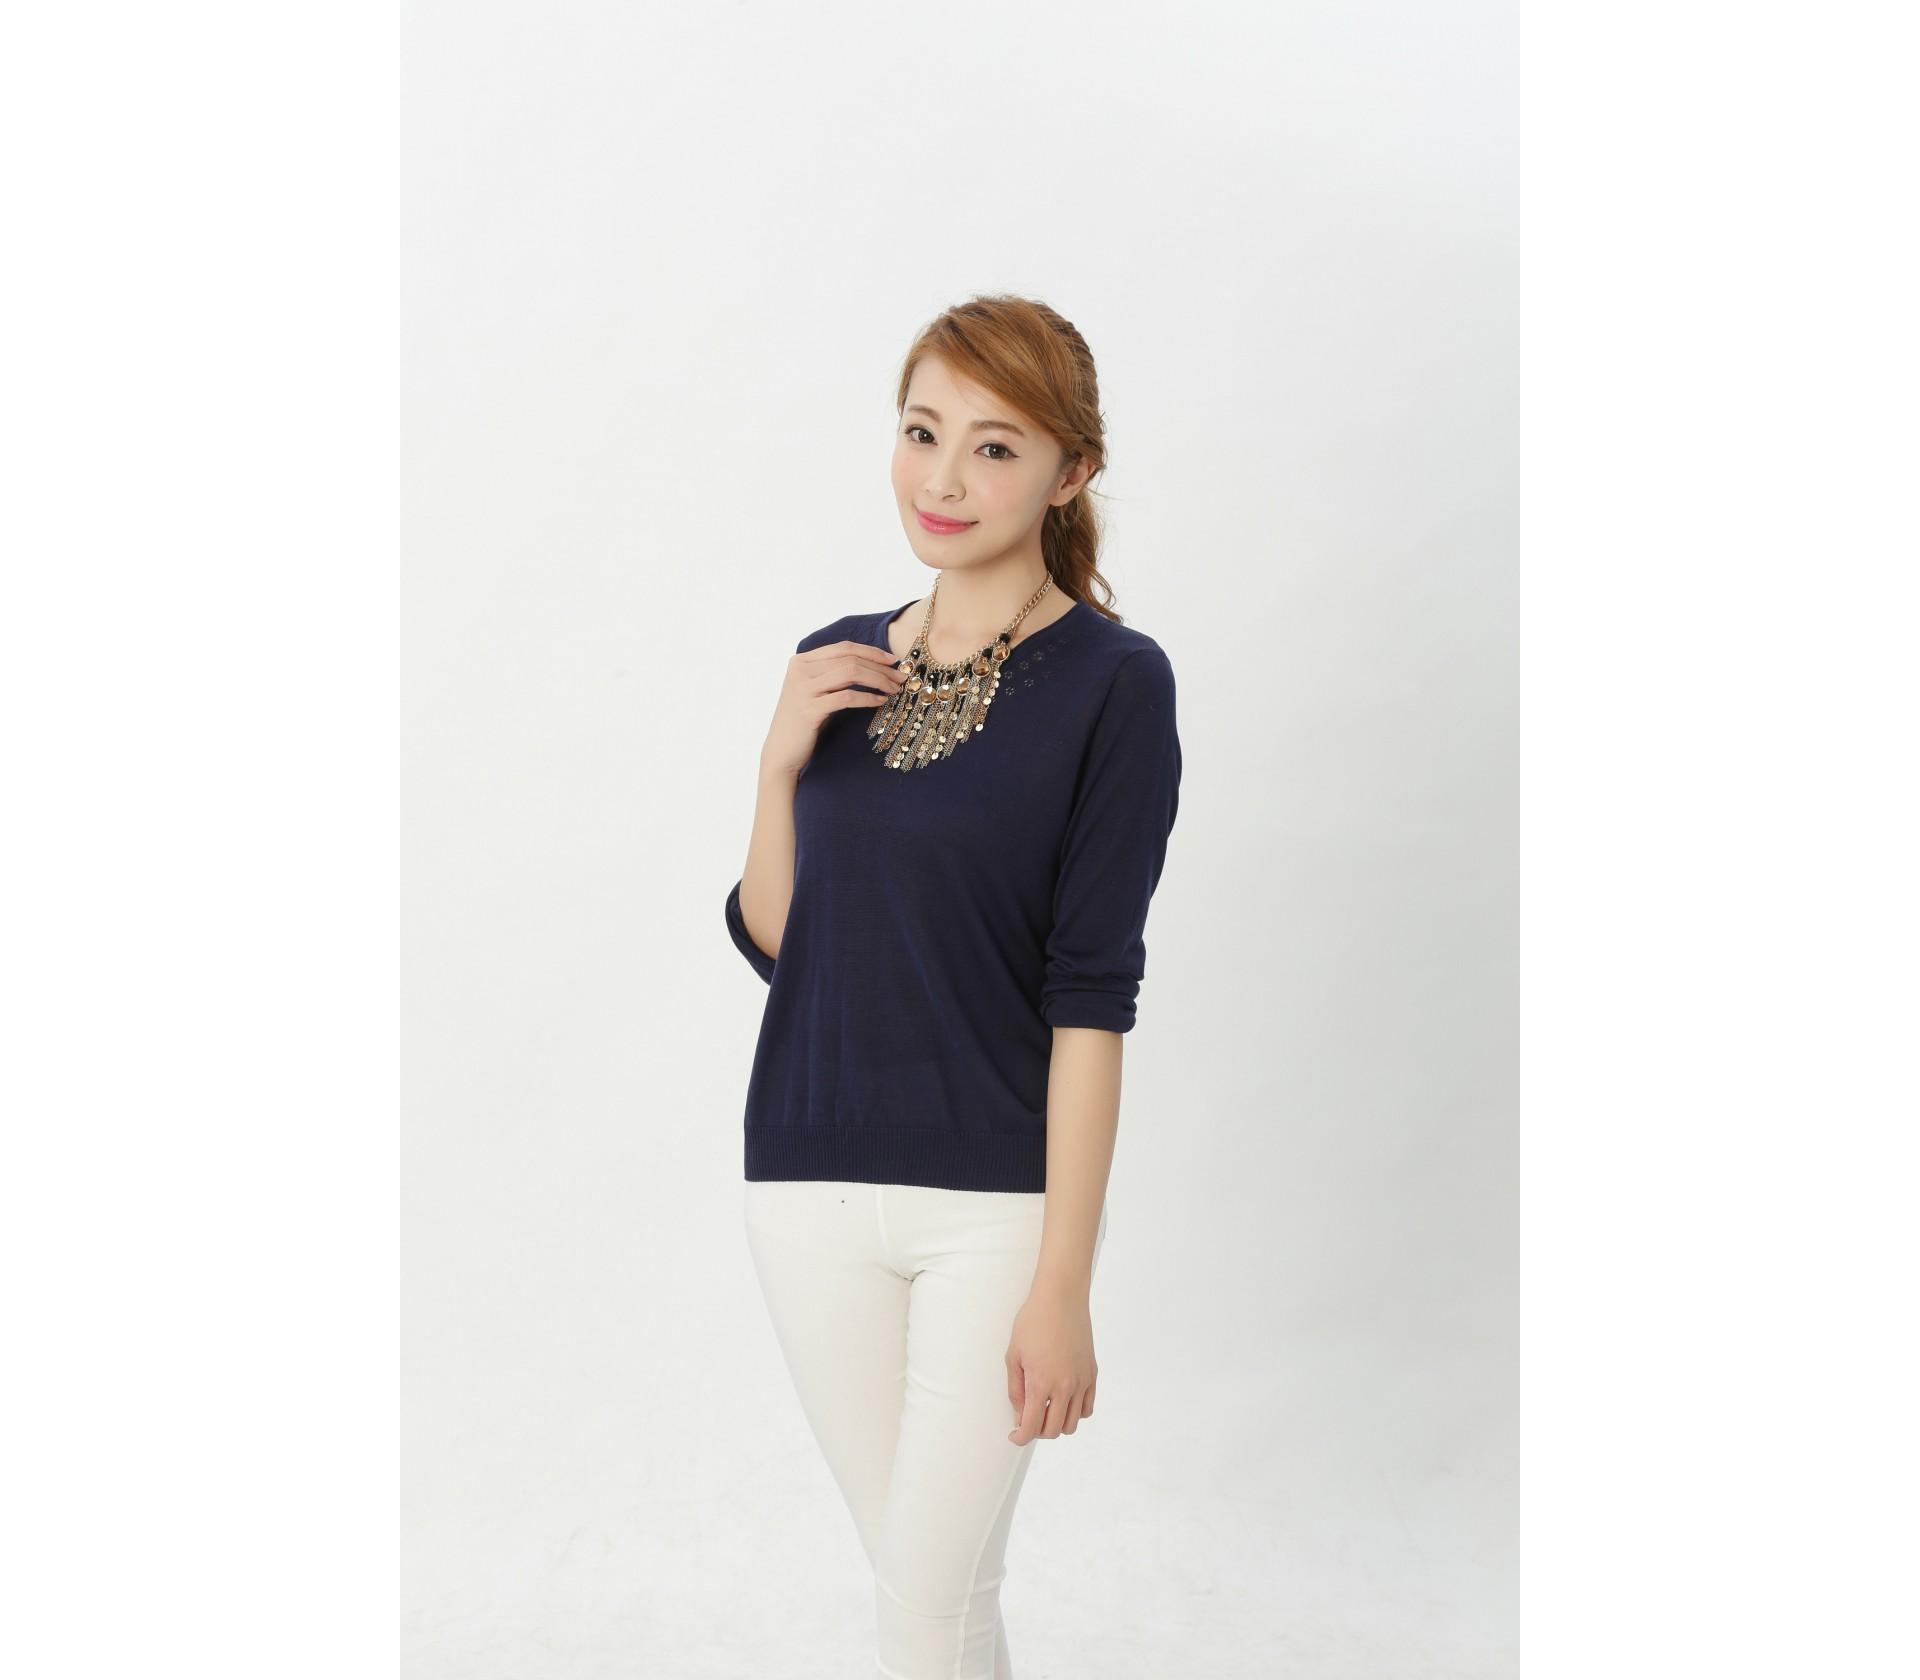 闕蘭絹舒適感100%蠶絲針織上衣-611(藍)